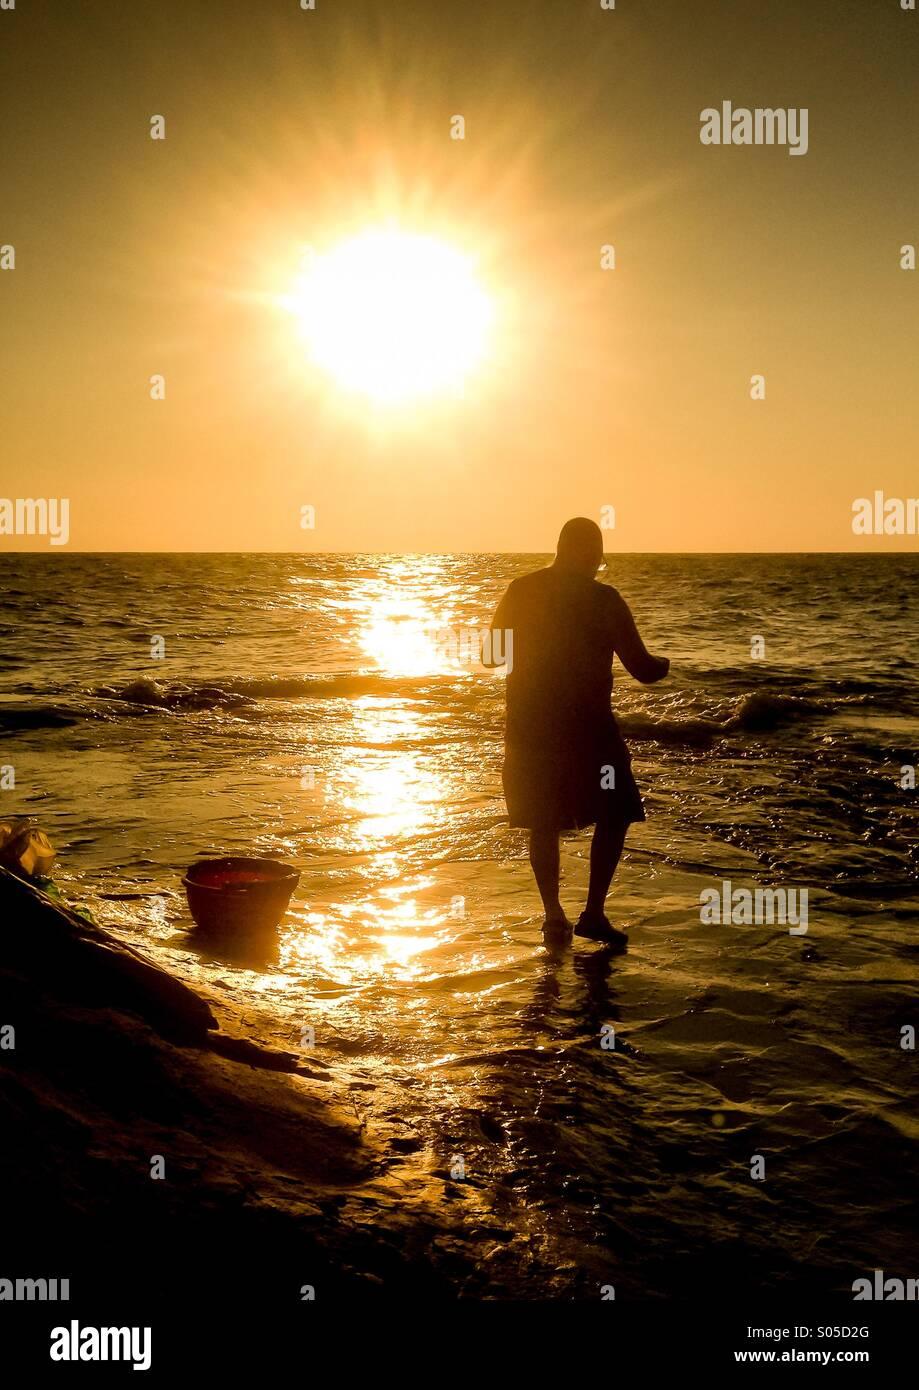 Fisherman tending float line at dawn - Stock Image